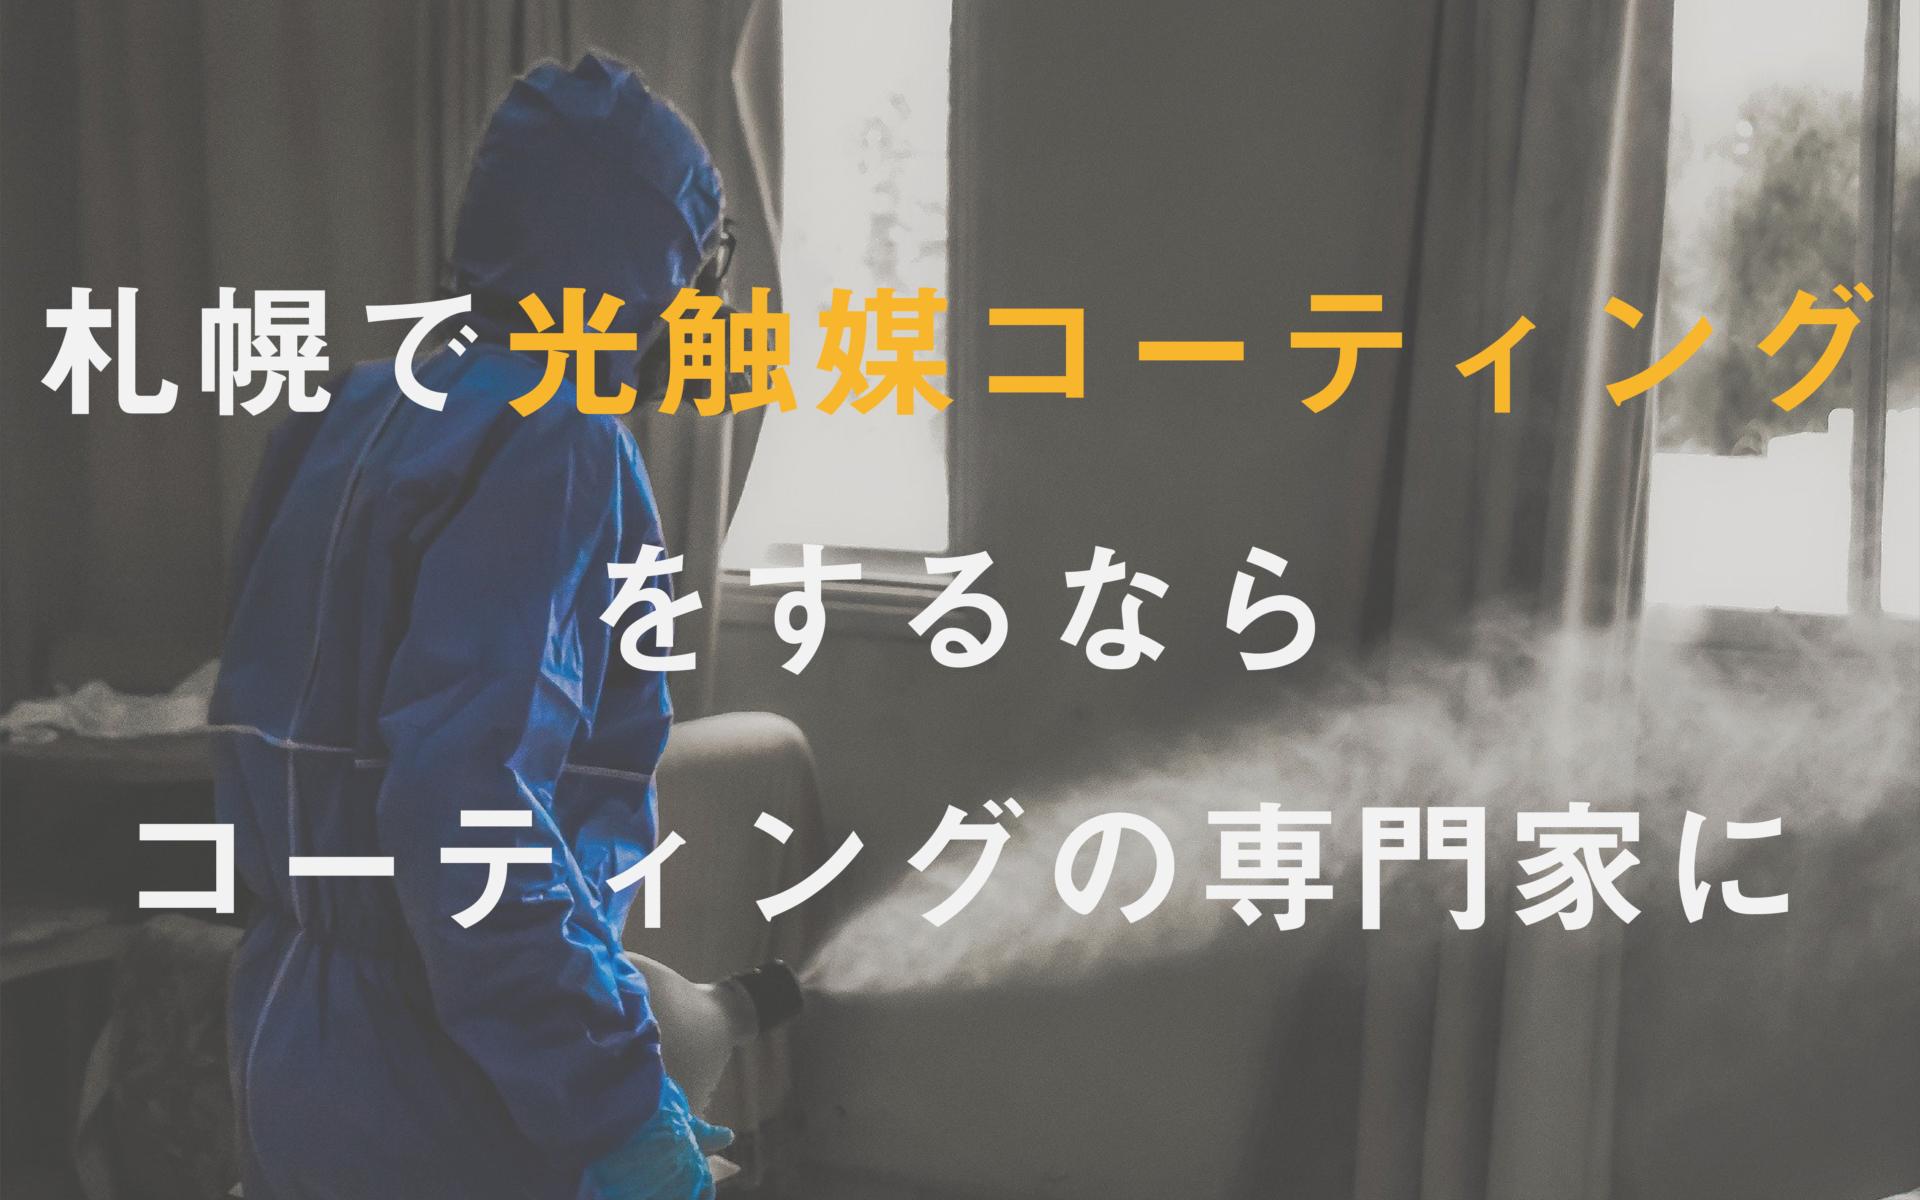 【札幌で光触媒コーティング】をするならコーティングの専門家